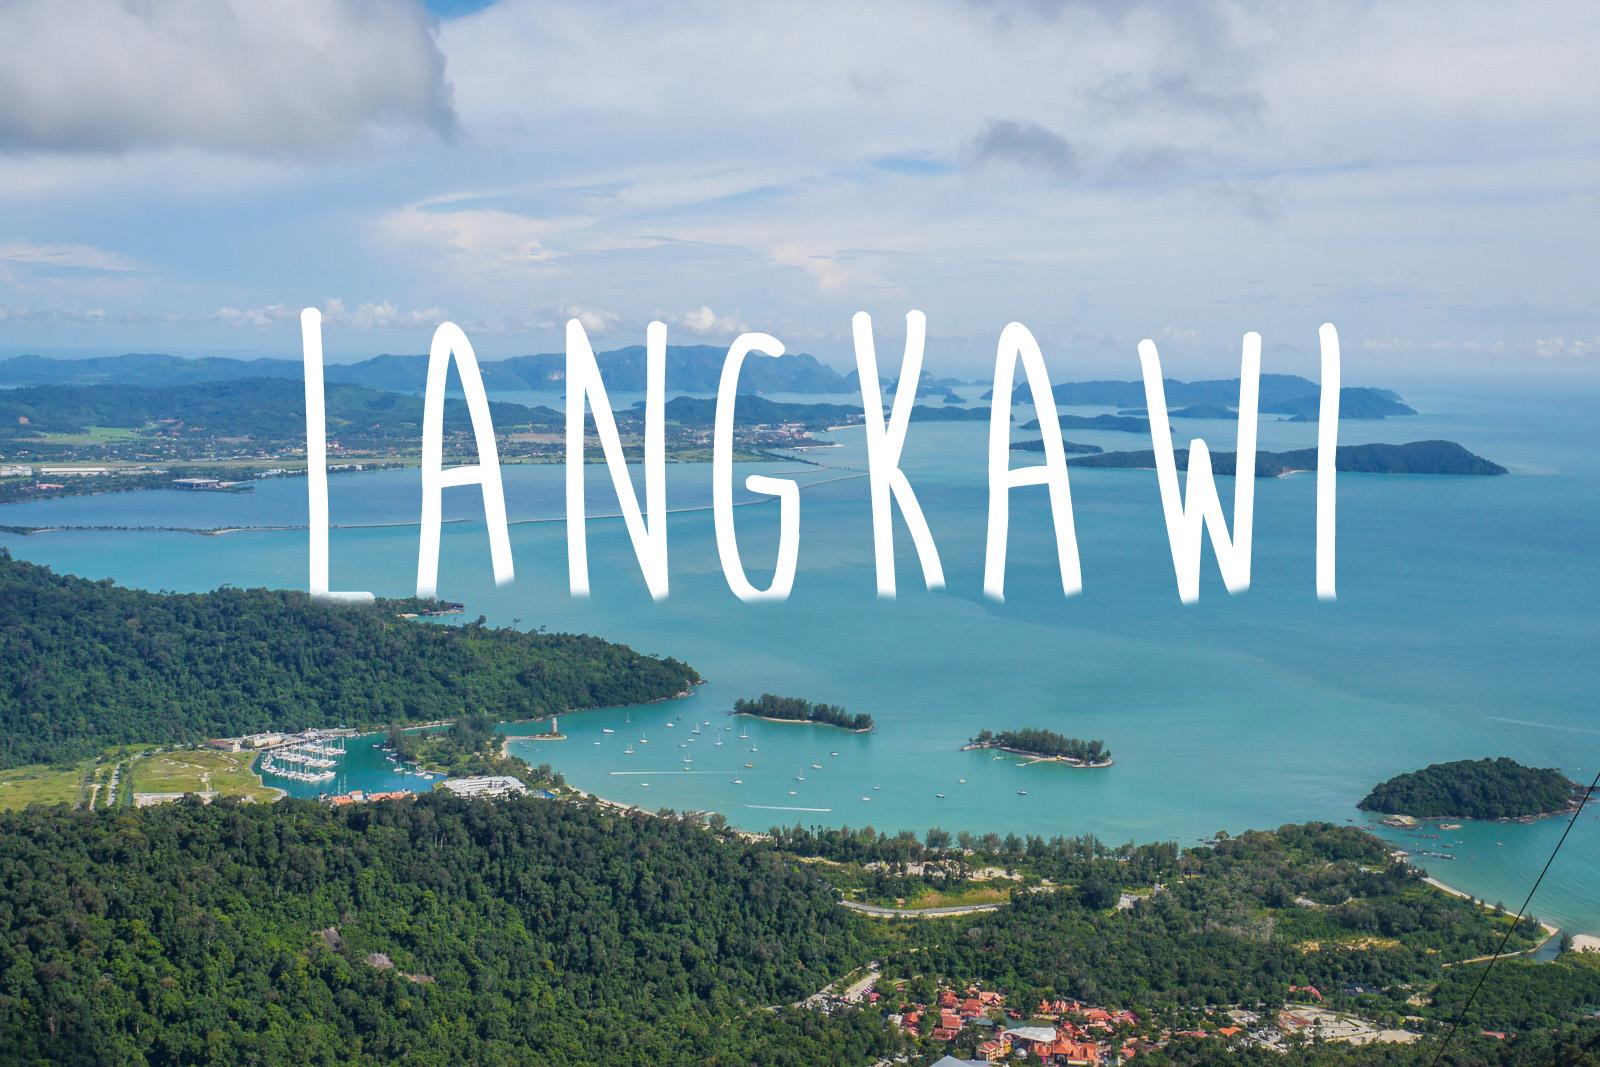 Langkawi workaway